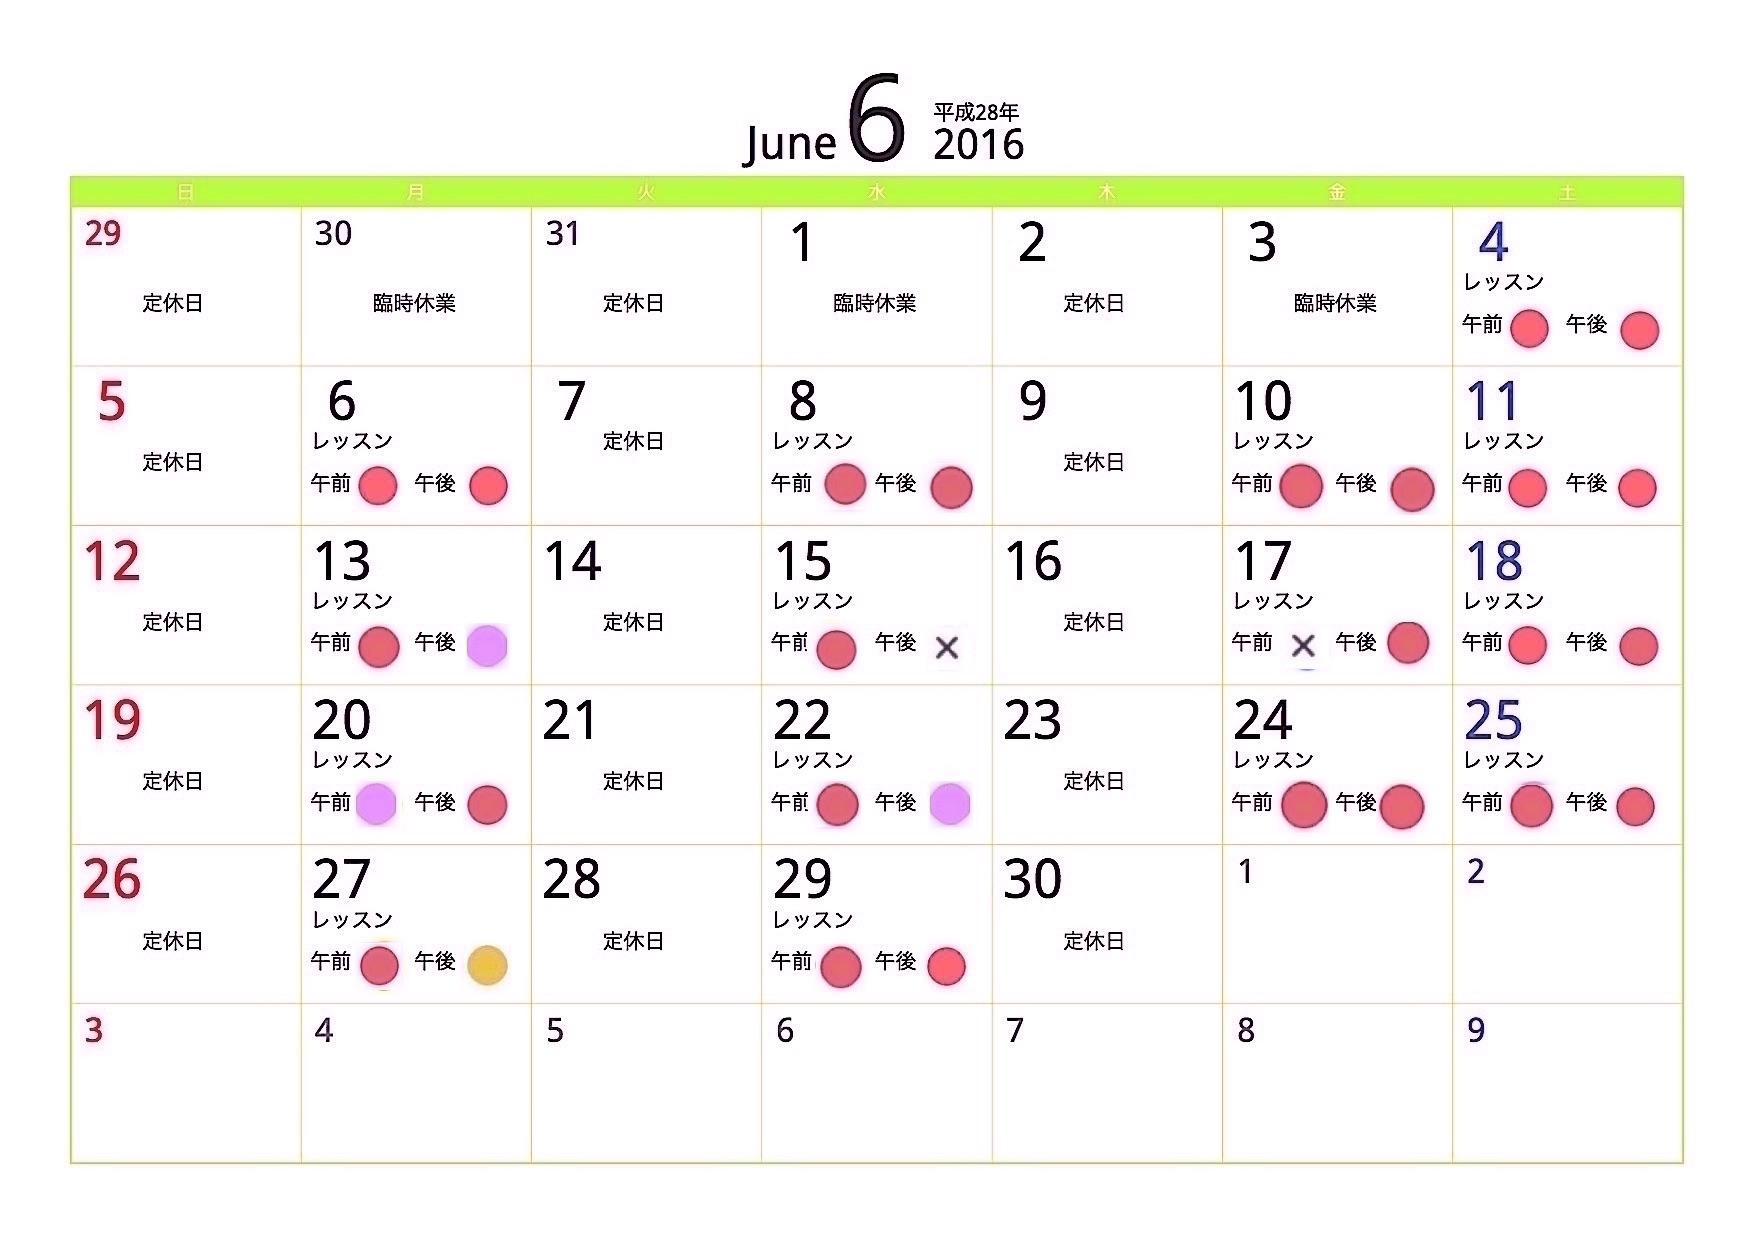 6月のレッスンご予約状況カレンダー_c0156884_20155576.jpg